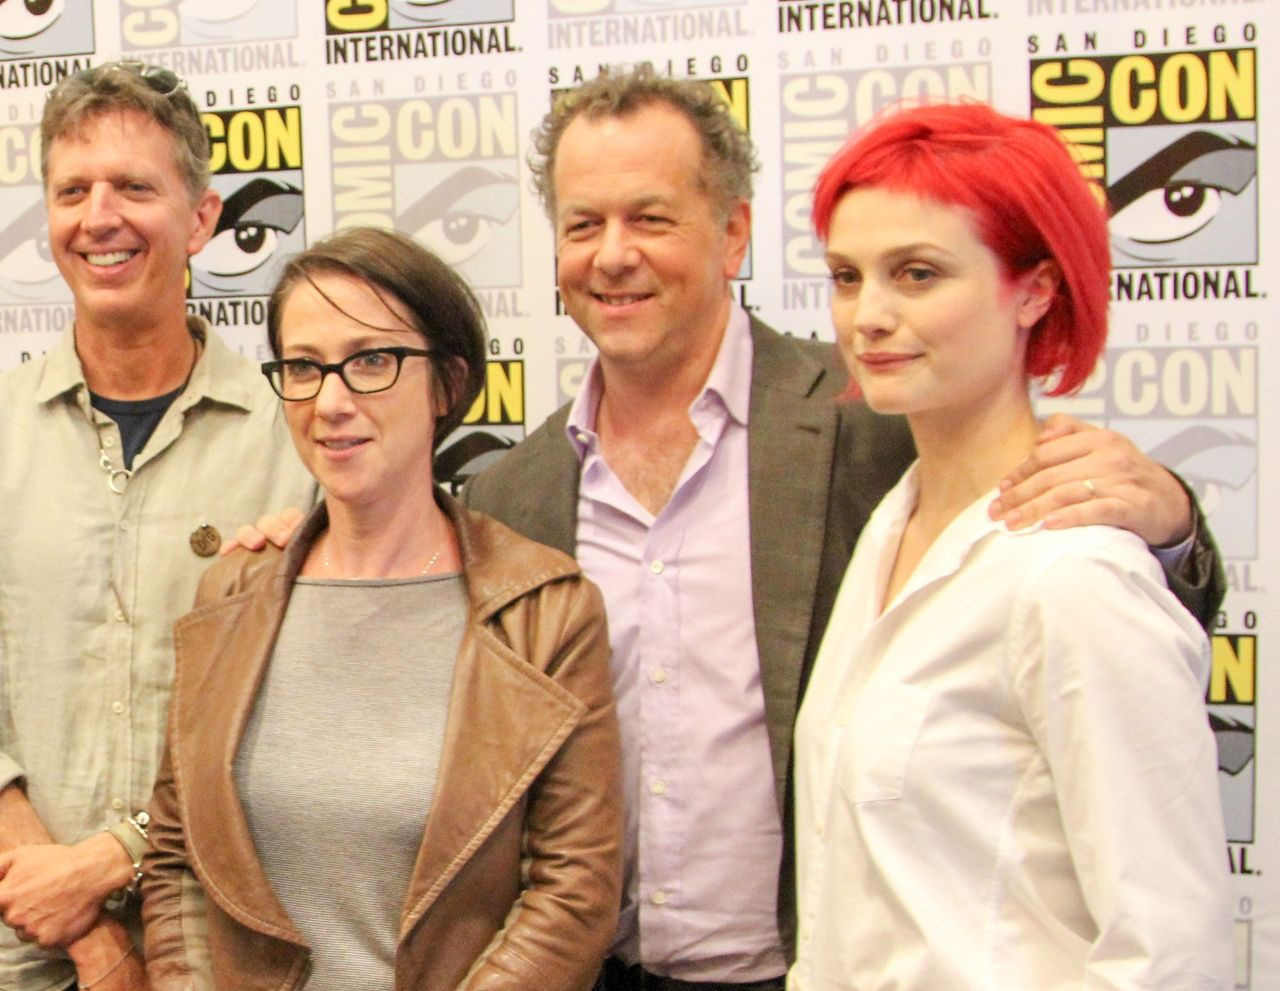 S.J. Clarkson ska regissera Star Trek 4